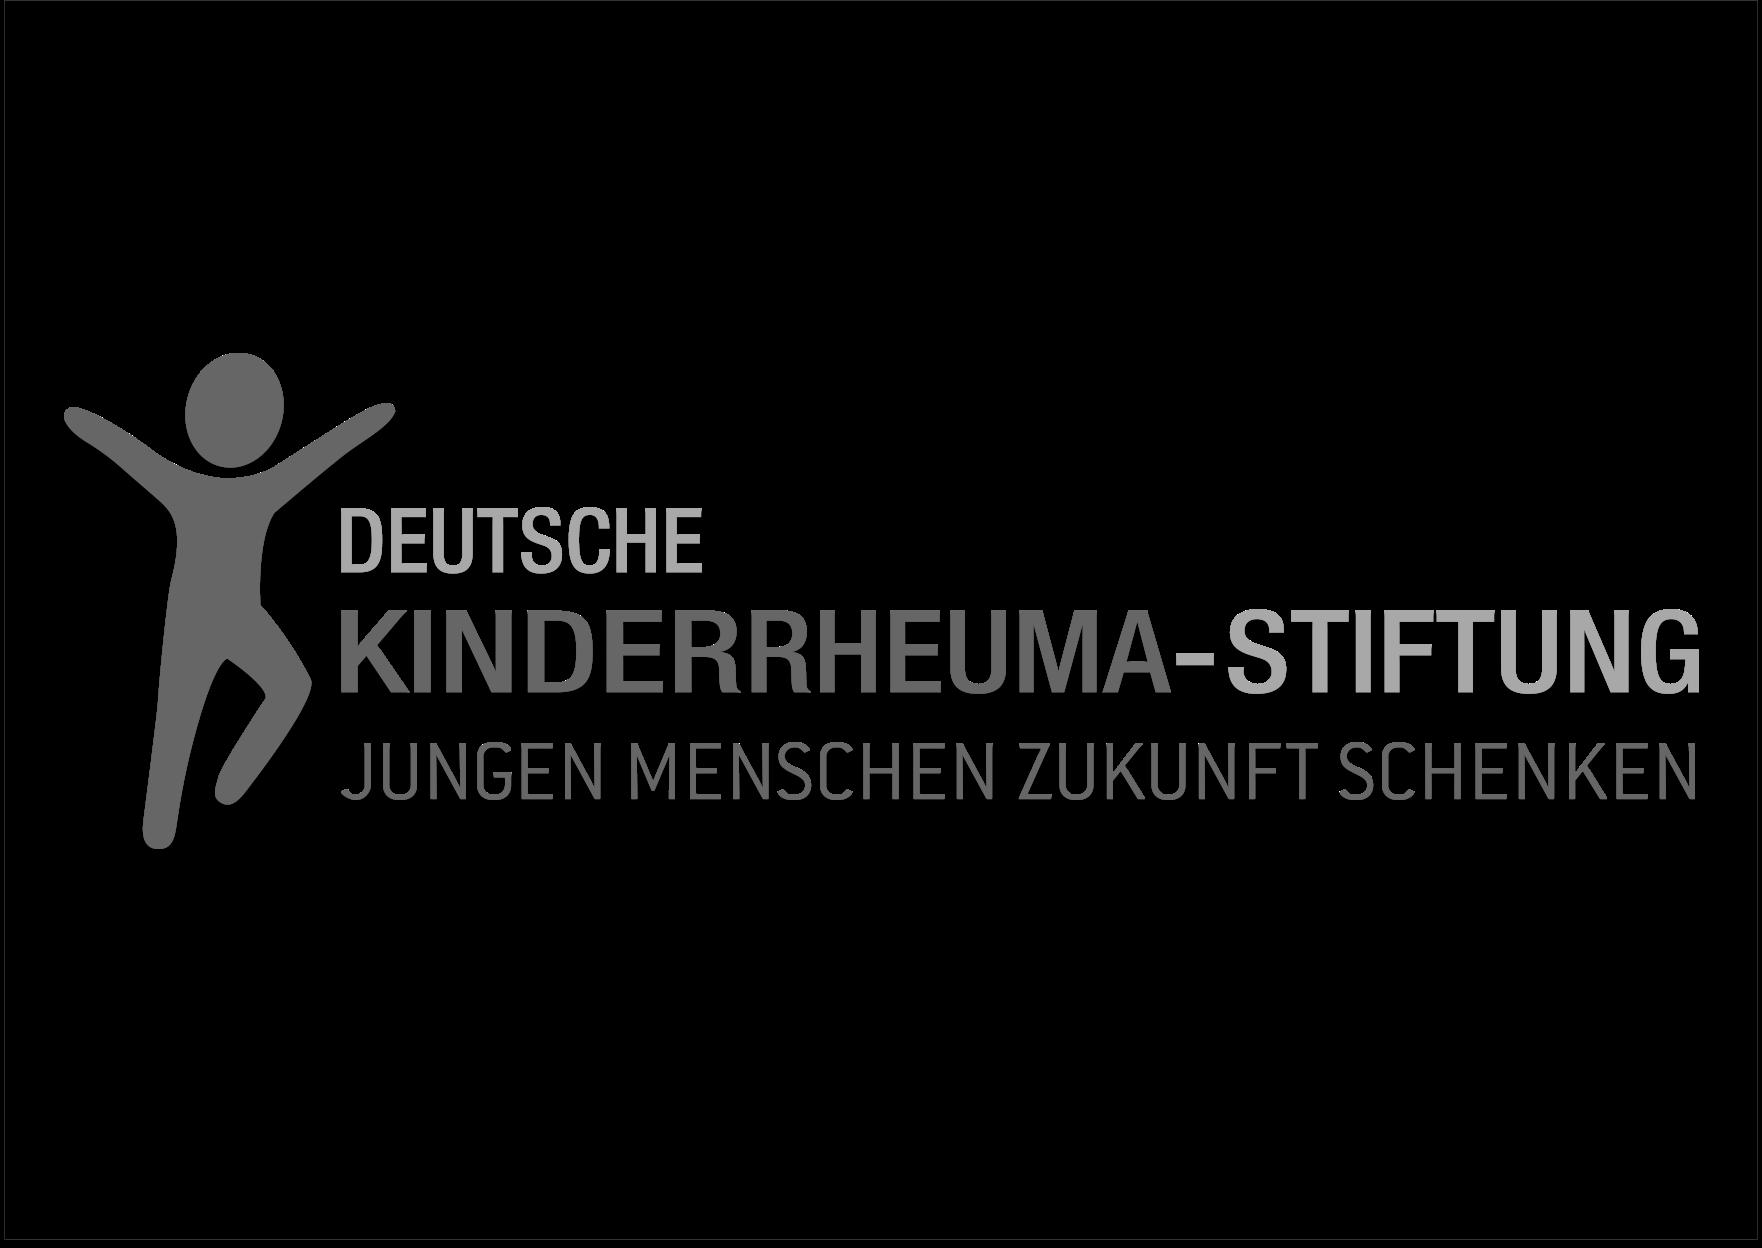 Kinderrheumastiftung logo.png